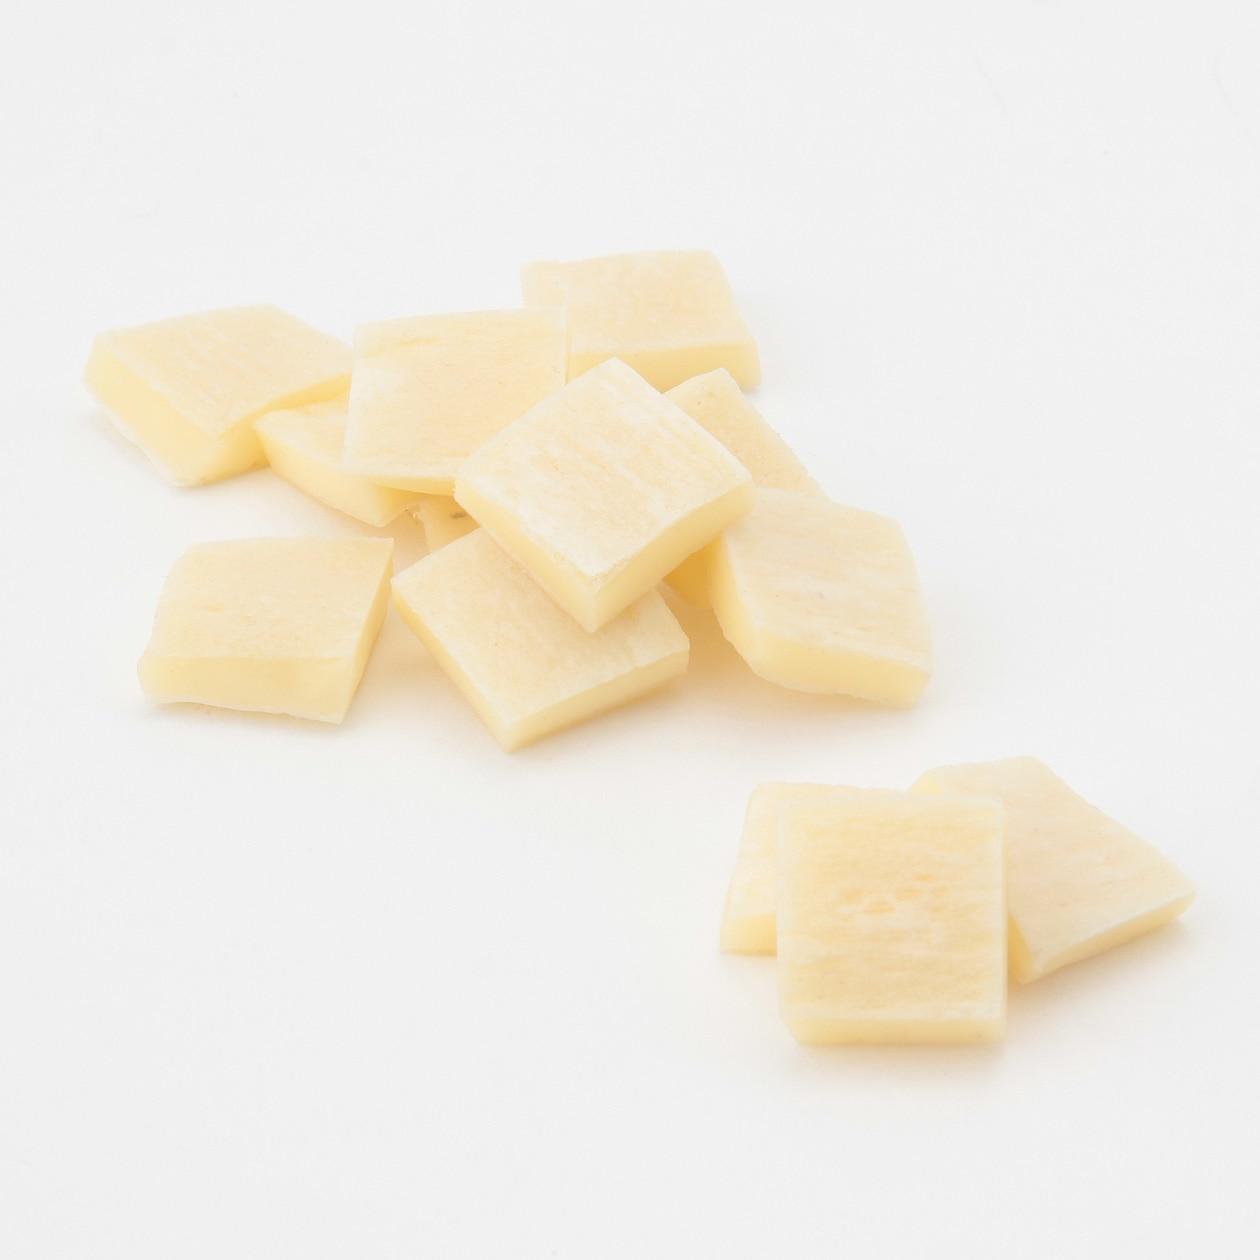 マスカルポーネチーズたら